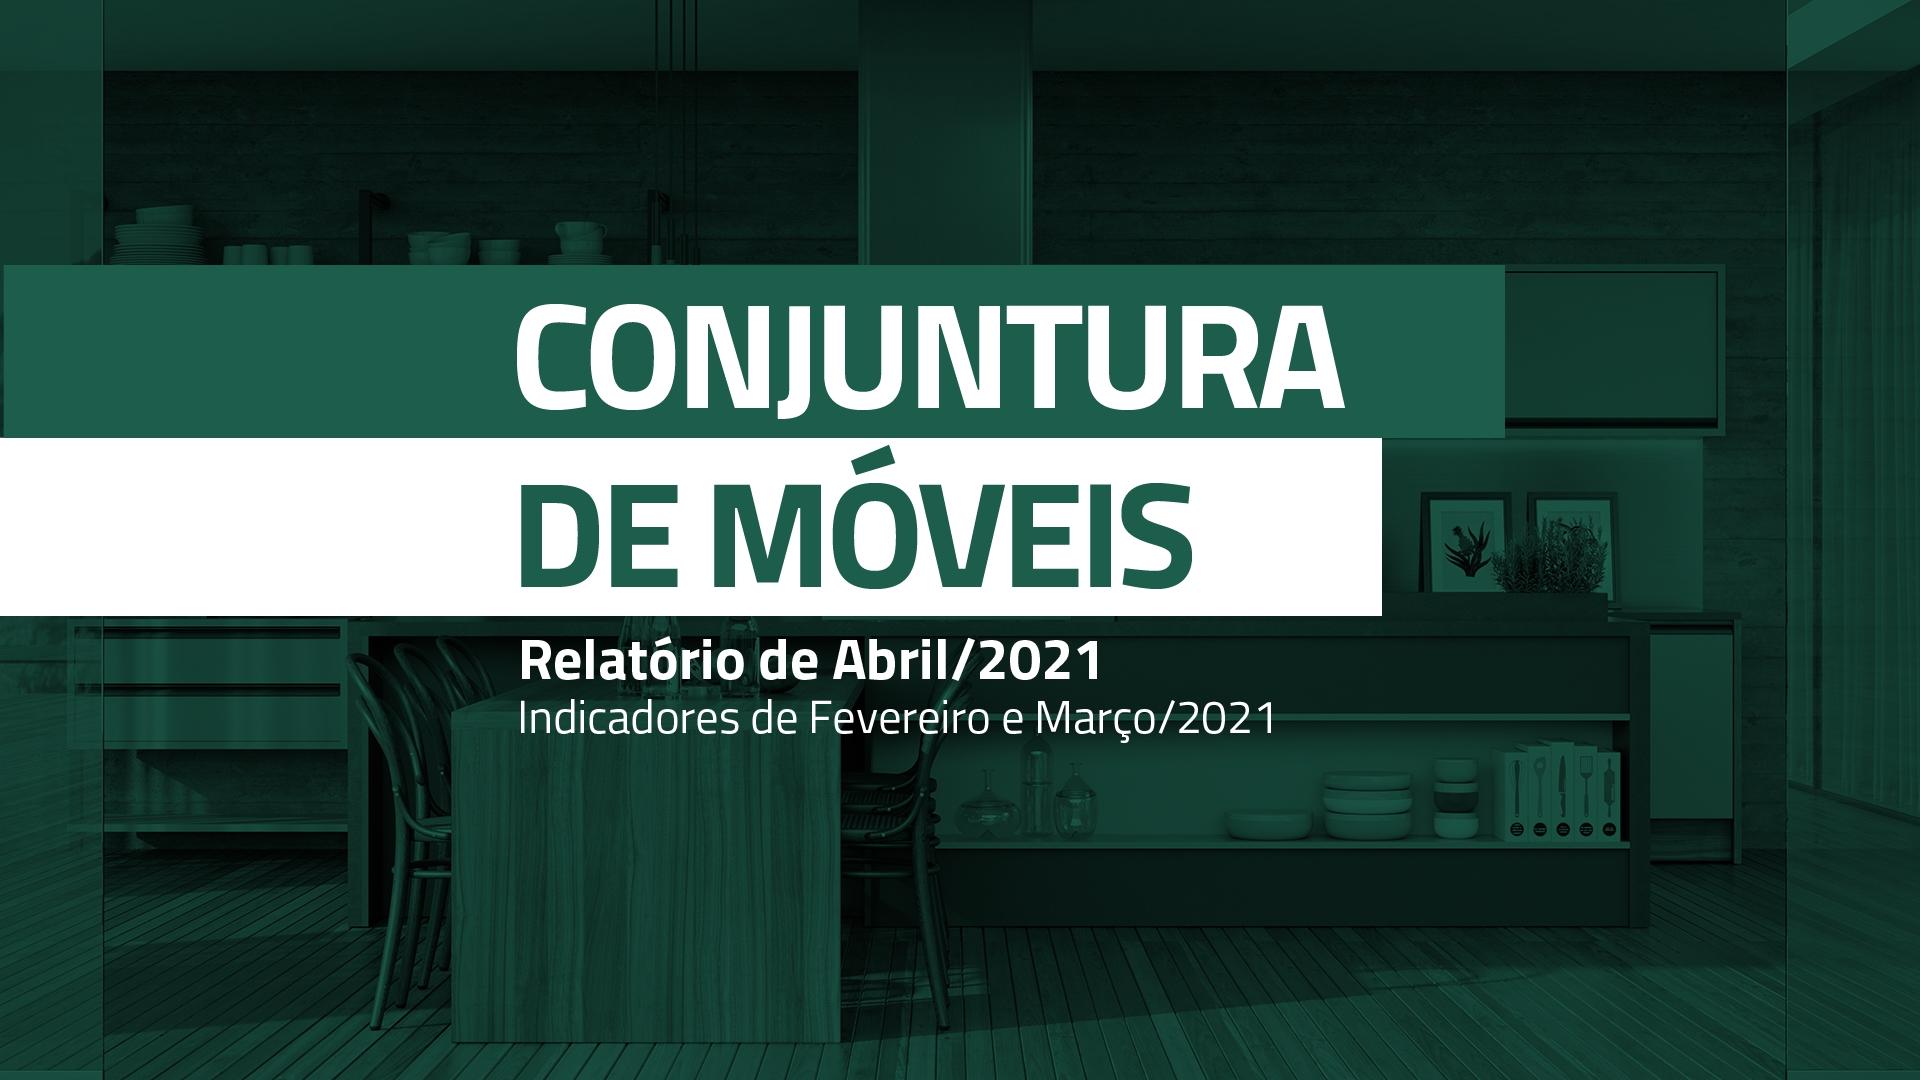 conjuntura_de_moveis_2021-04